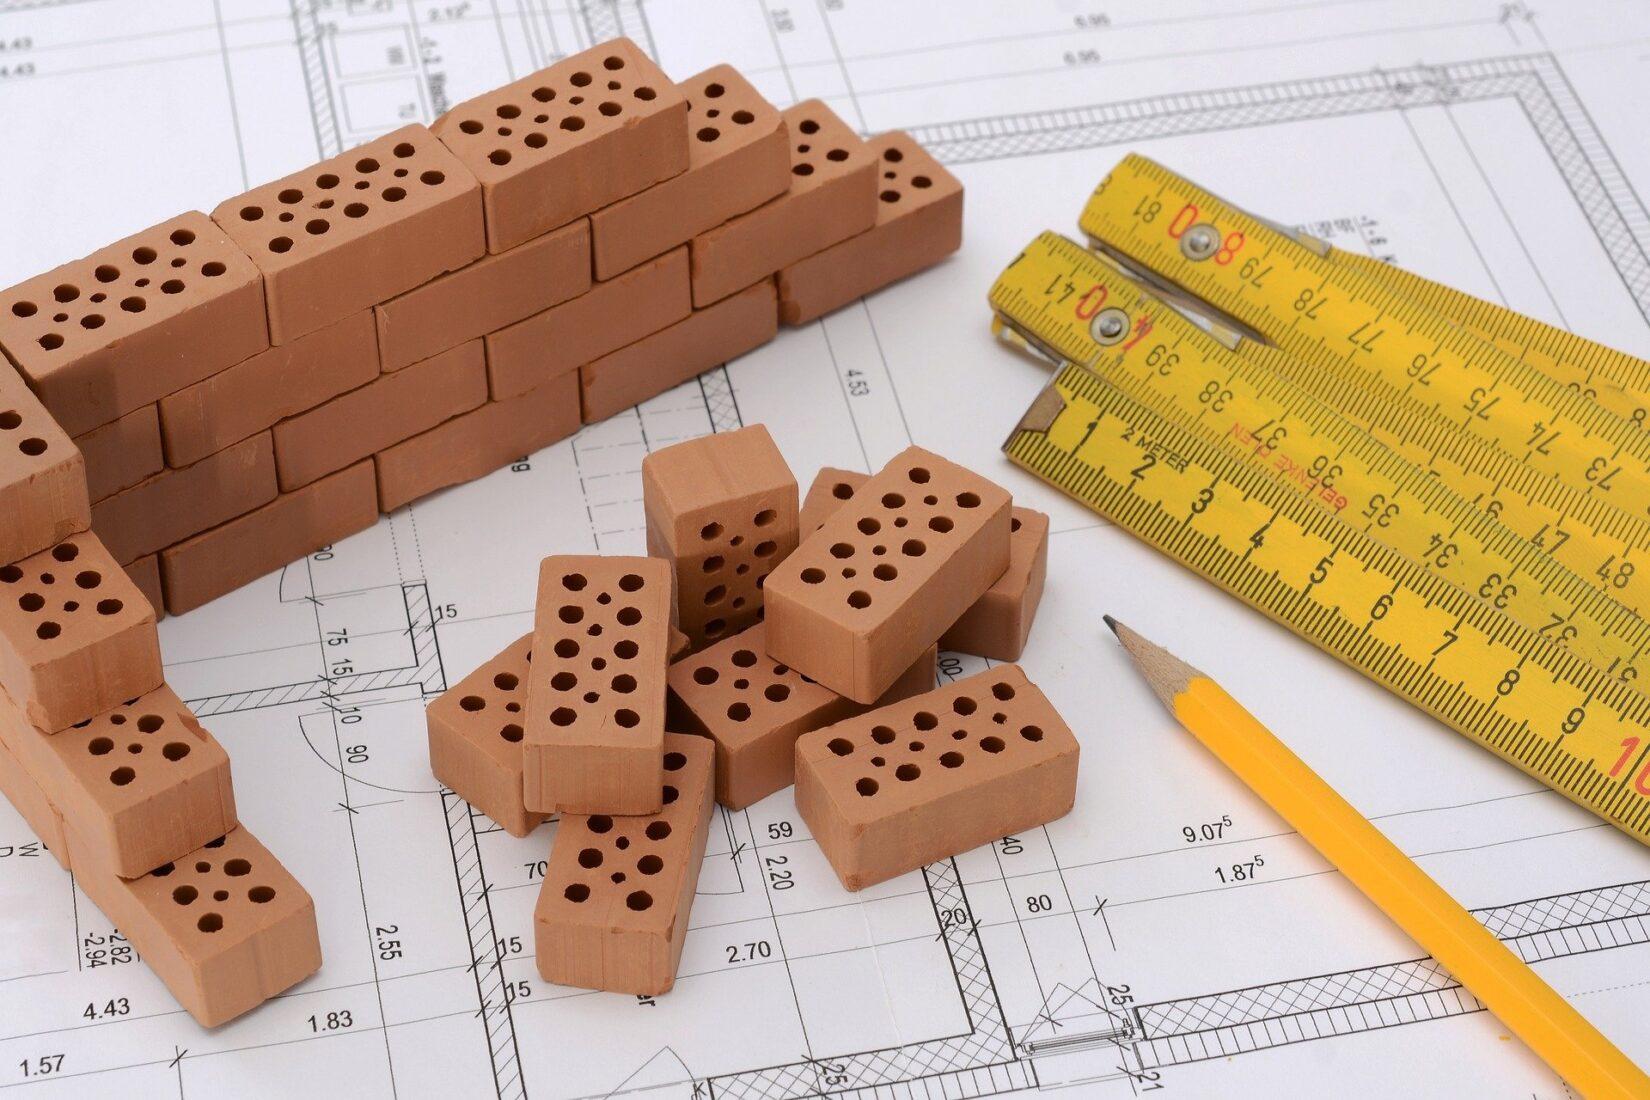 Die Massivbaubranche fürchtet eine politisch diktierte Holzbau-Quote. Foto: Pixabay